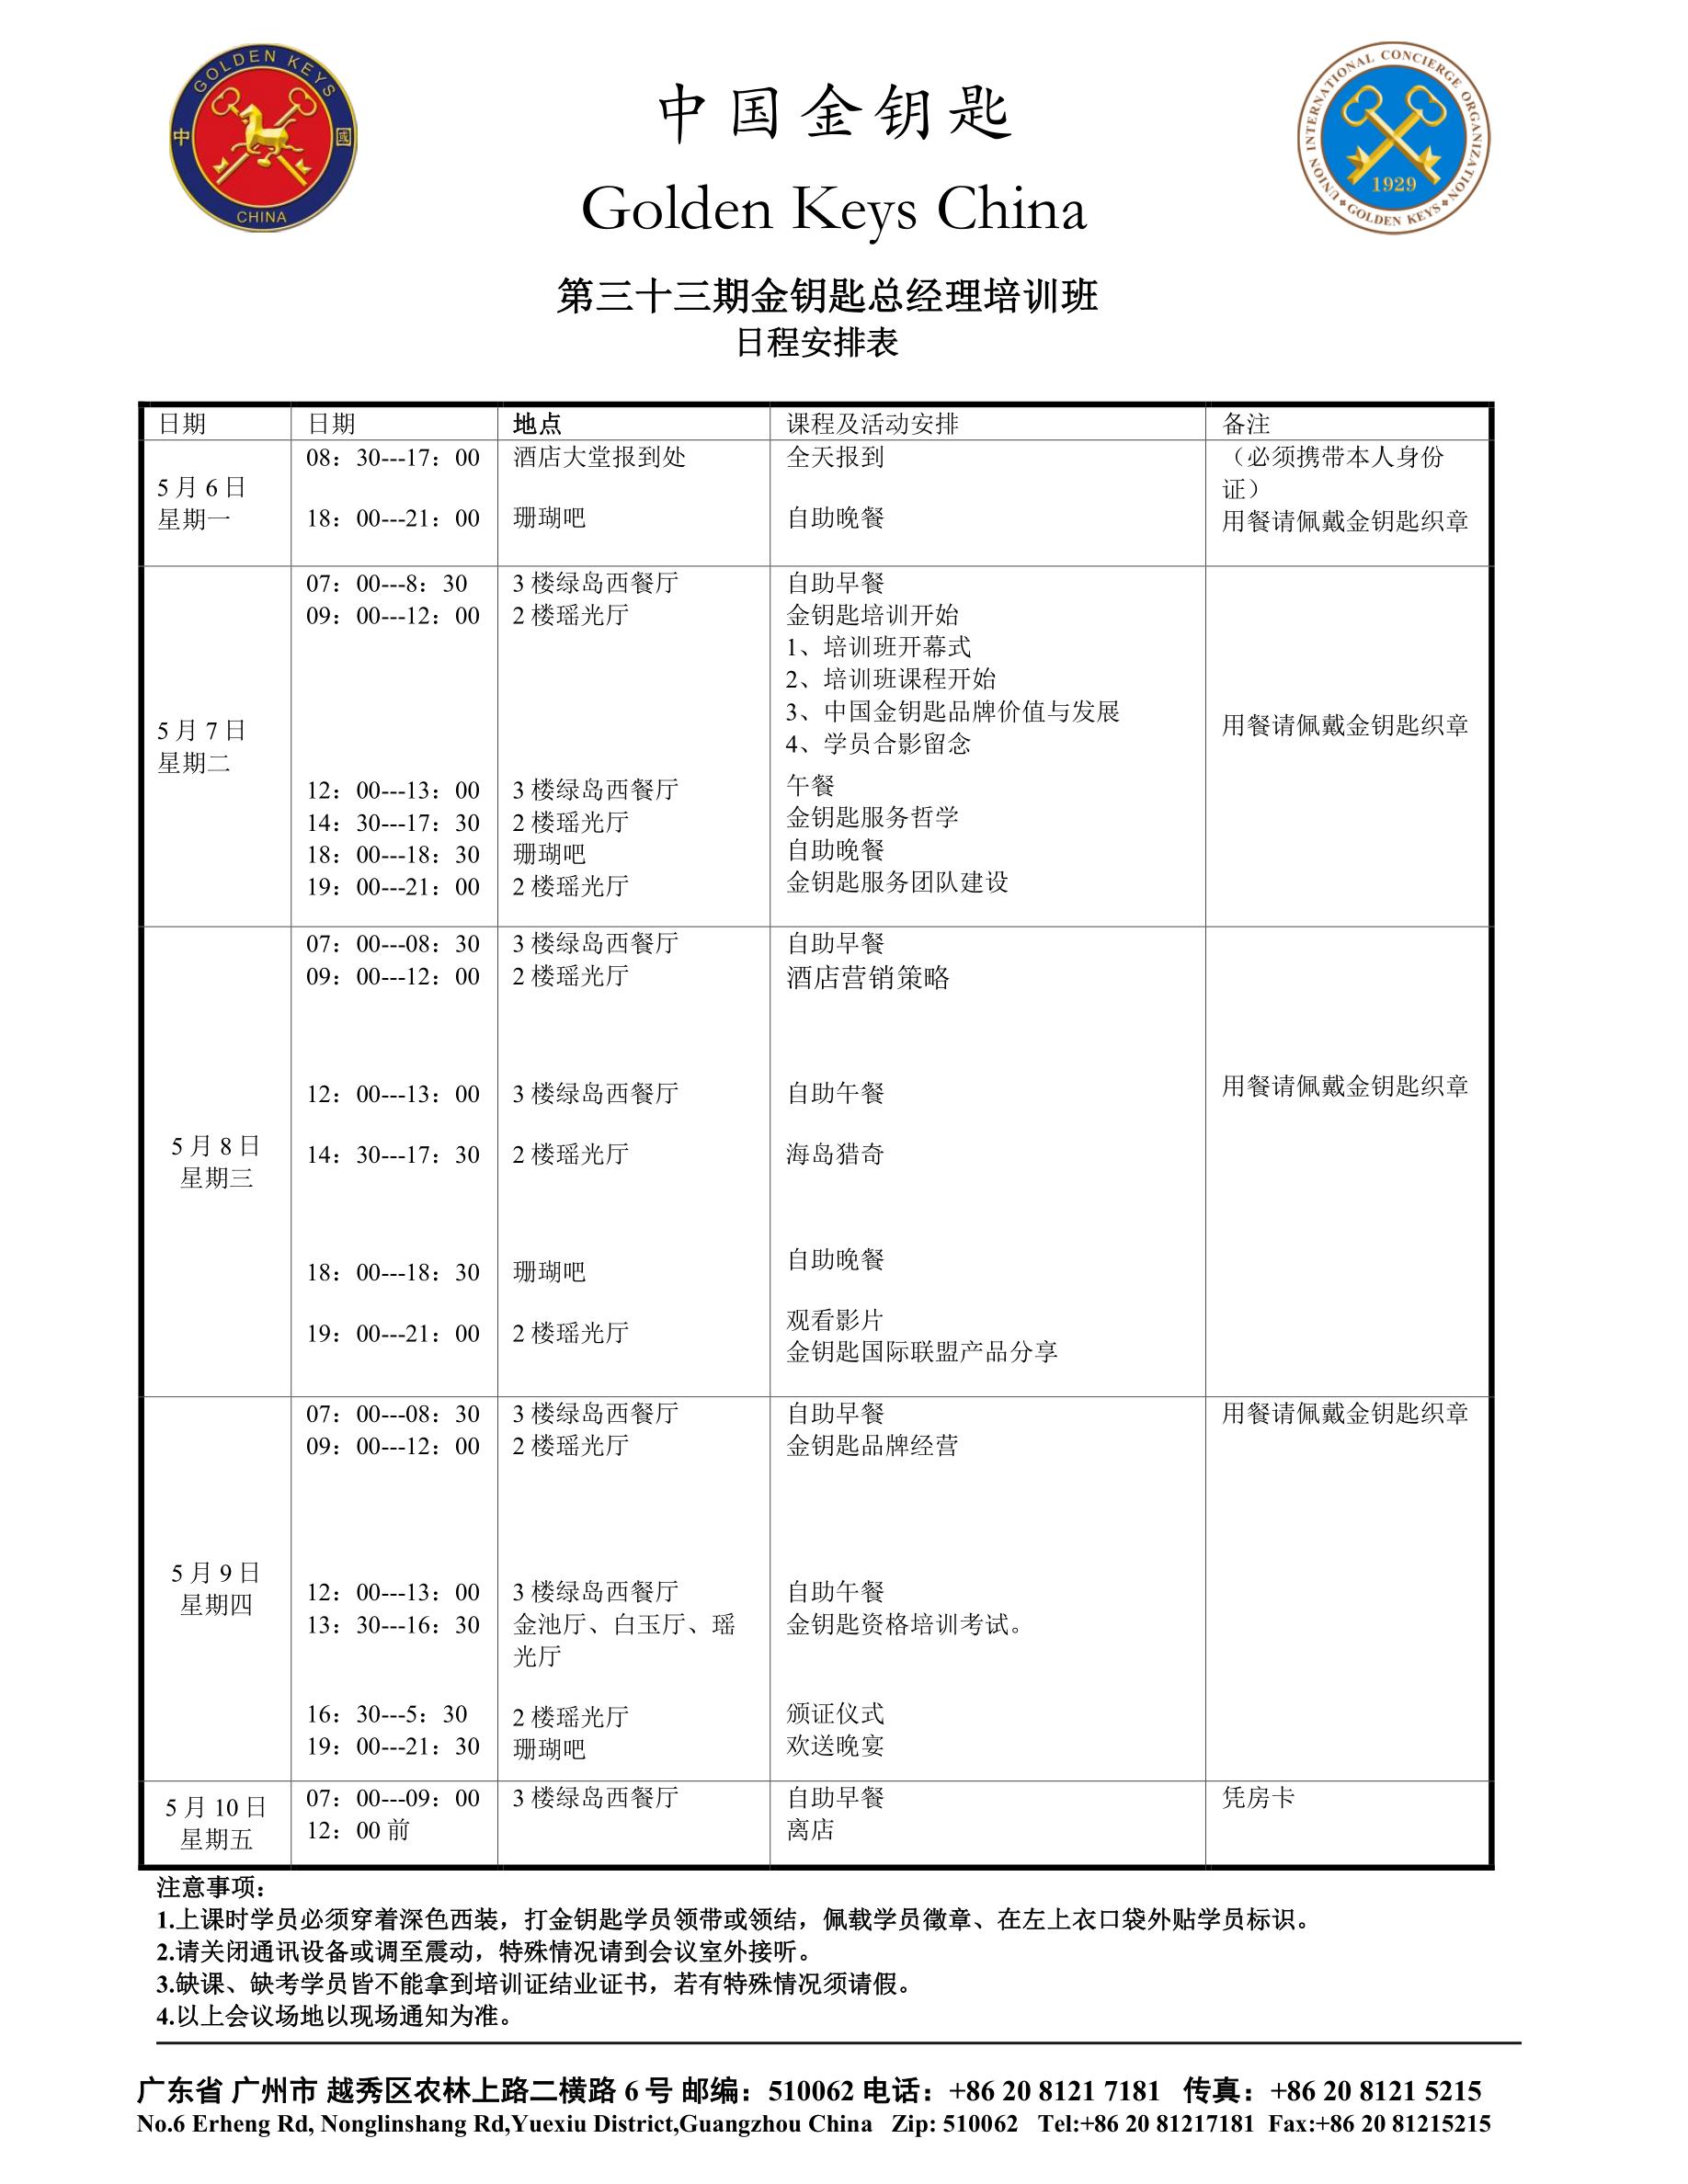 第三十三期金钥匙总经理培训班 日程安排表